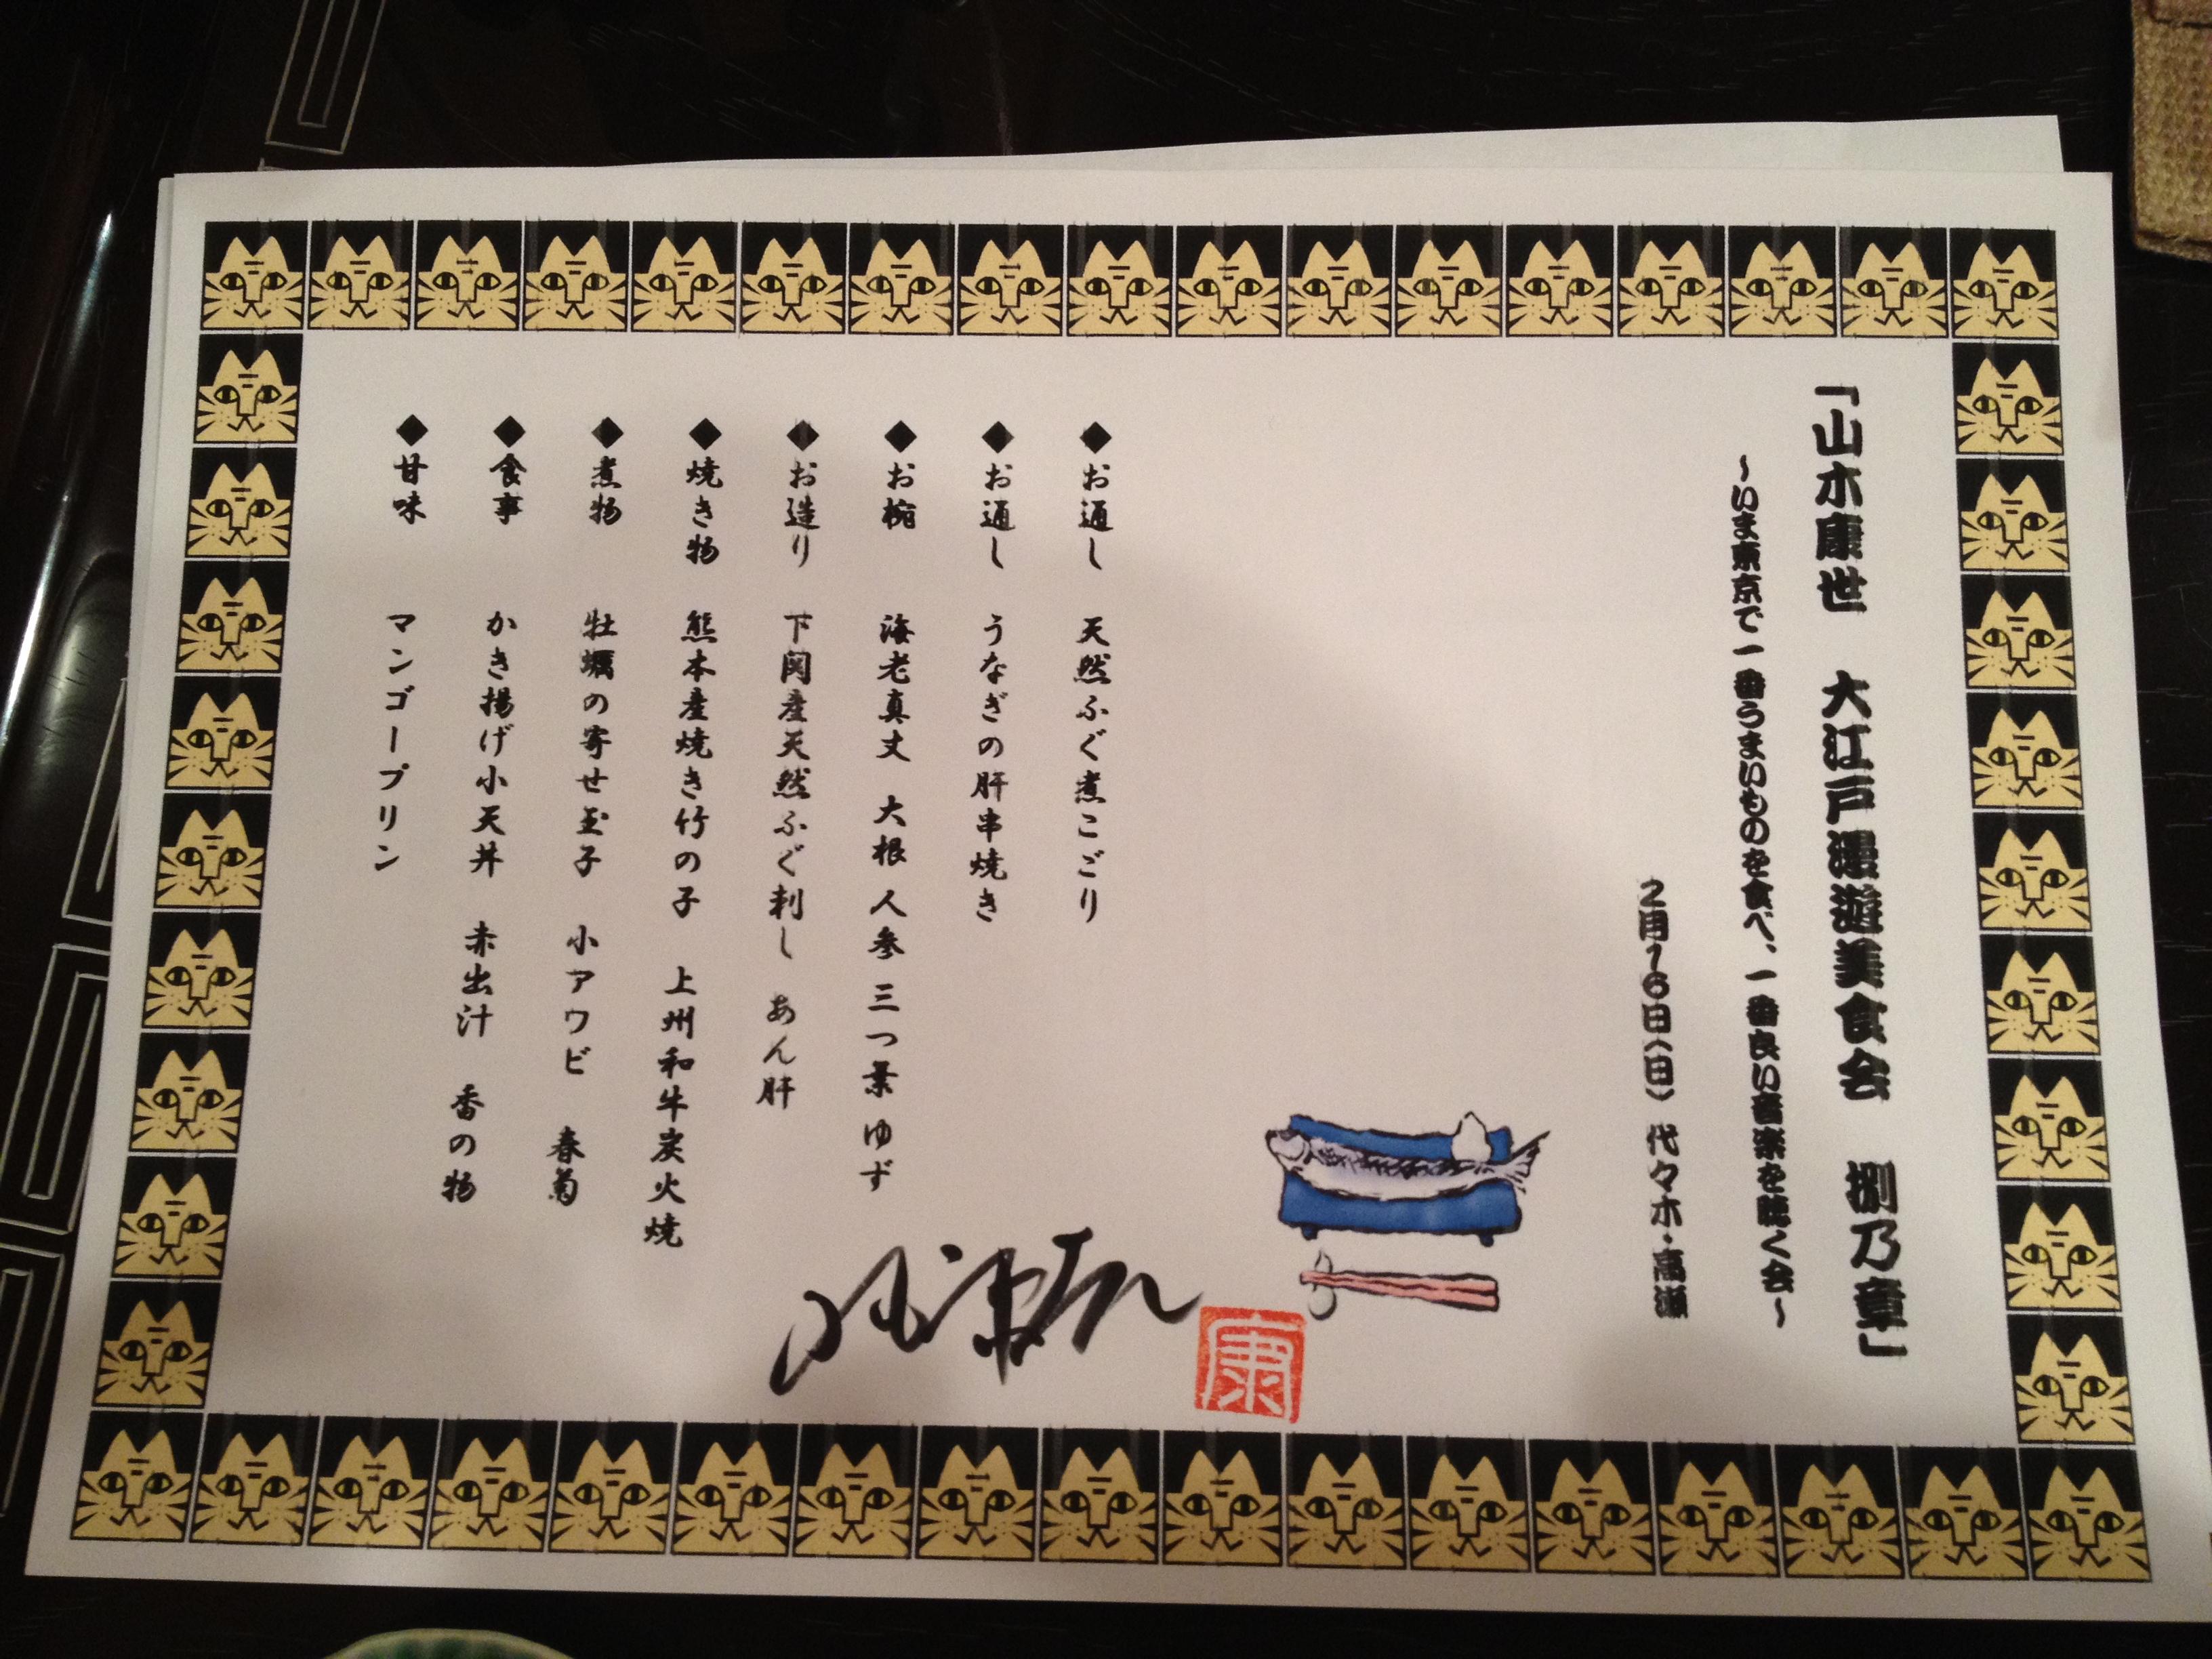 第8回大江戸漫遊美食会のお品書きです